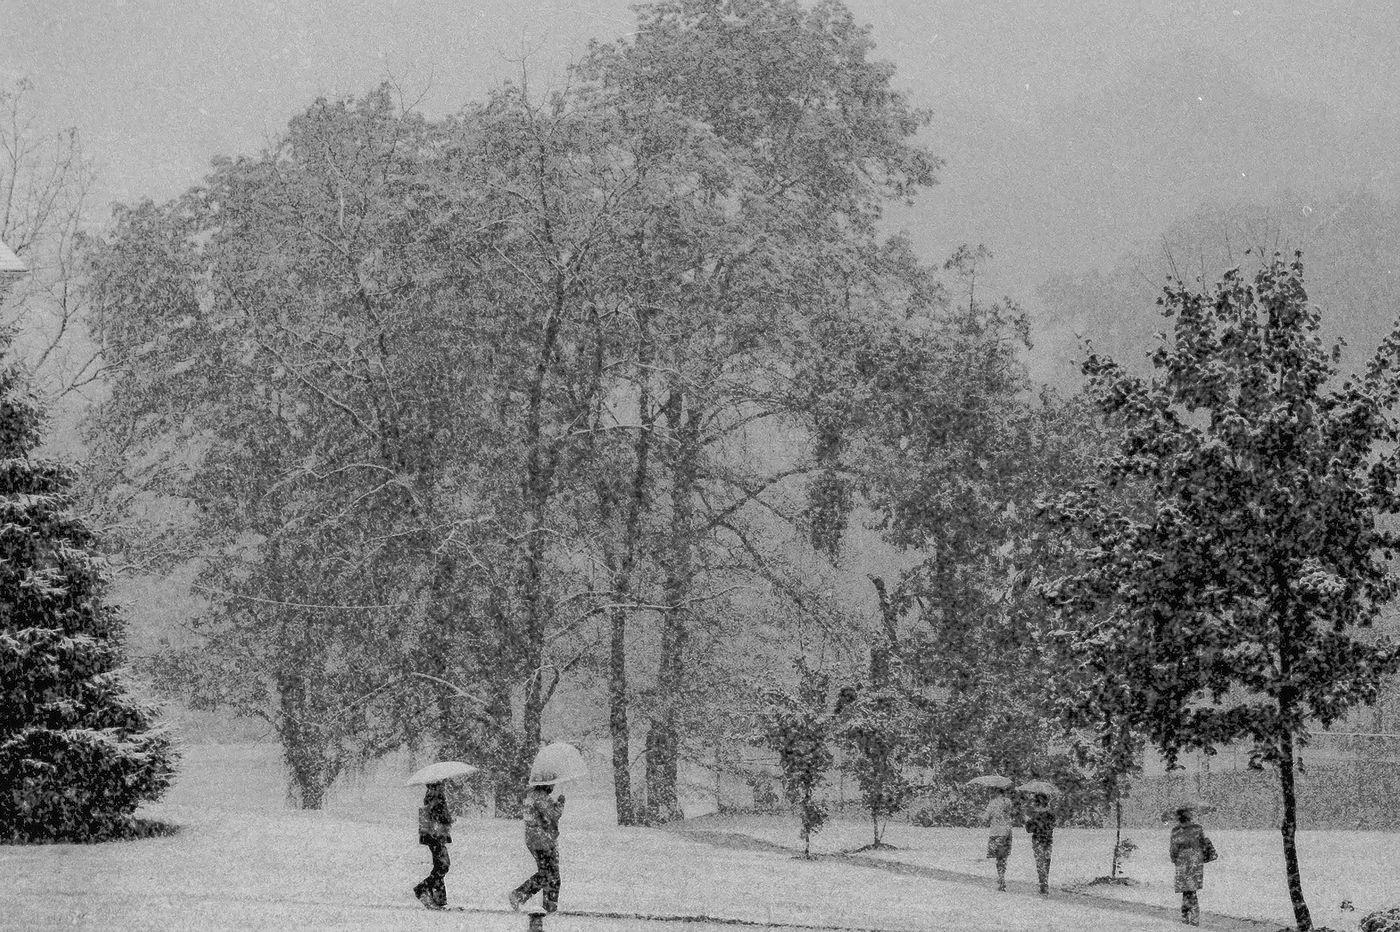 Tuyết phủ kín không gian vào mùa đông